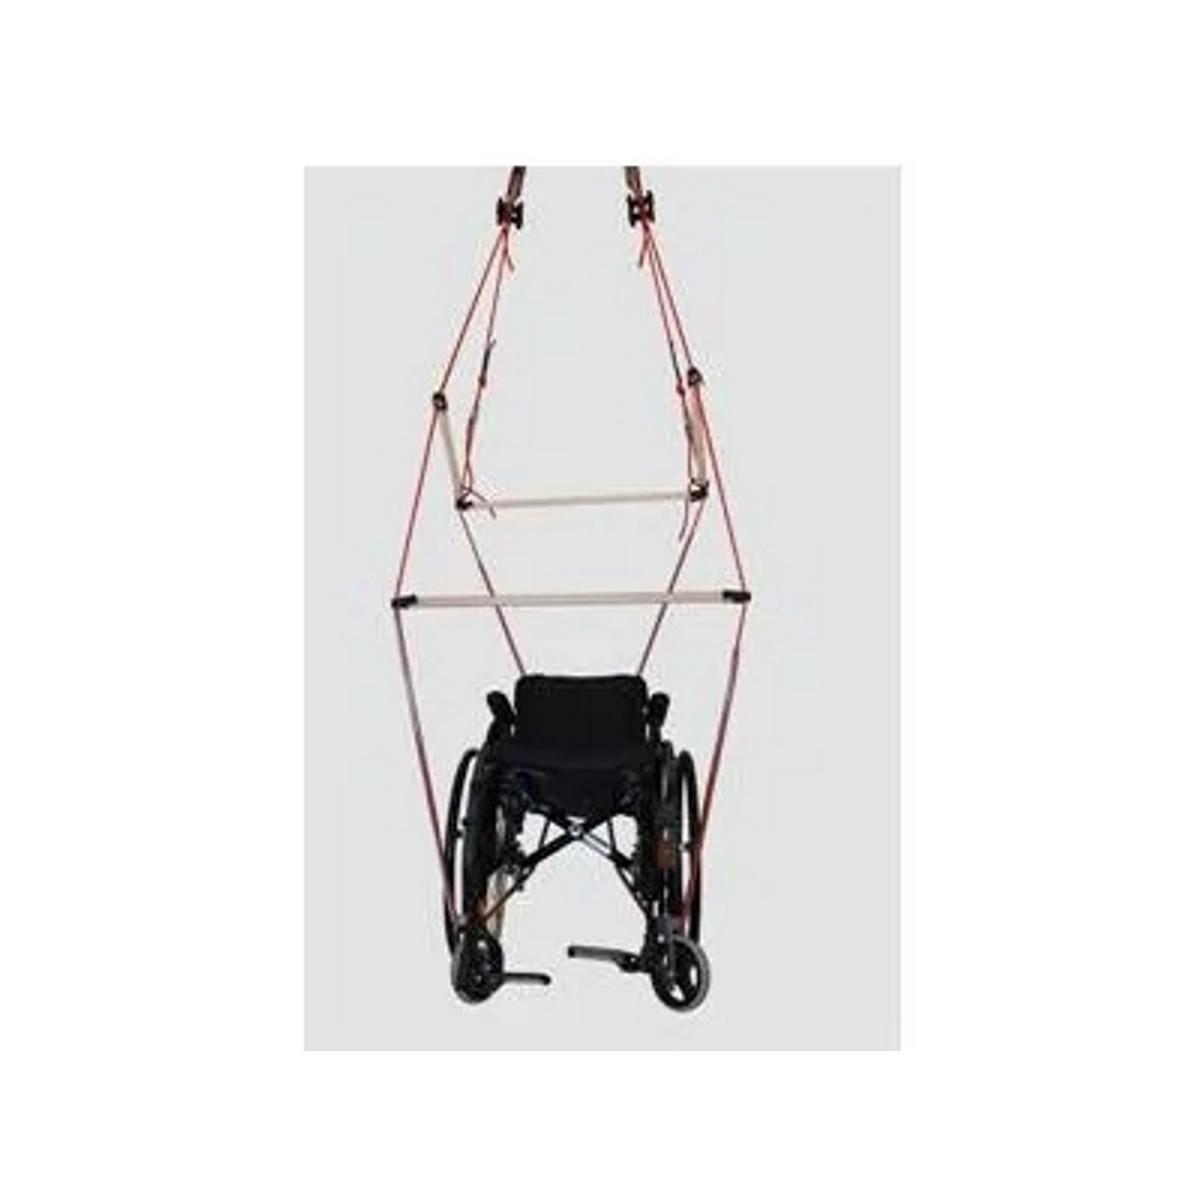 Full Size of Mobile Rollstuhlschaukel Fr Und Erwachsene Inkl Regale Für Dachschrägen Schaukelstuhl Garten Moderne Bilder Fürs Wohnzimmer Schaukel Such Frau Bett Wohnzimmer Schaukel Für Erwachsene